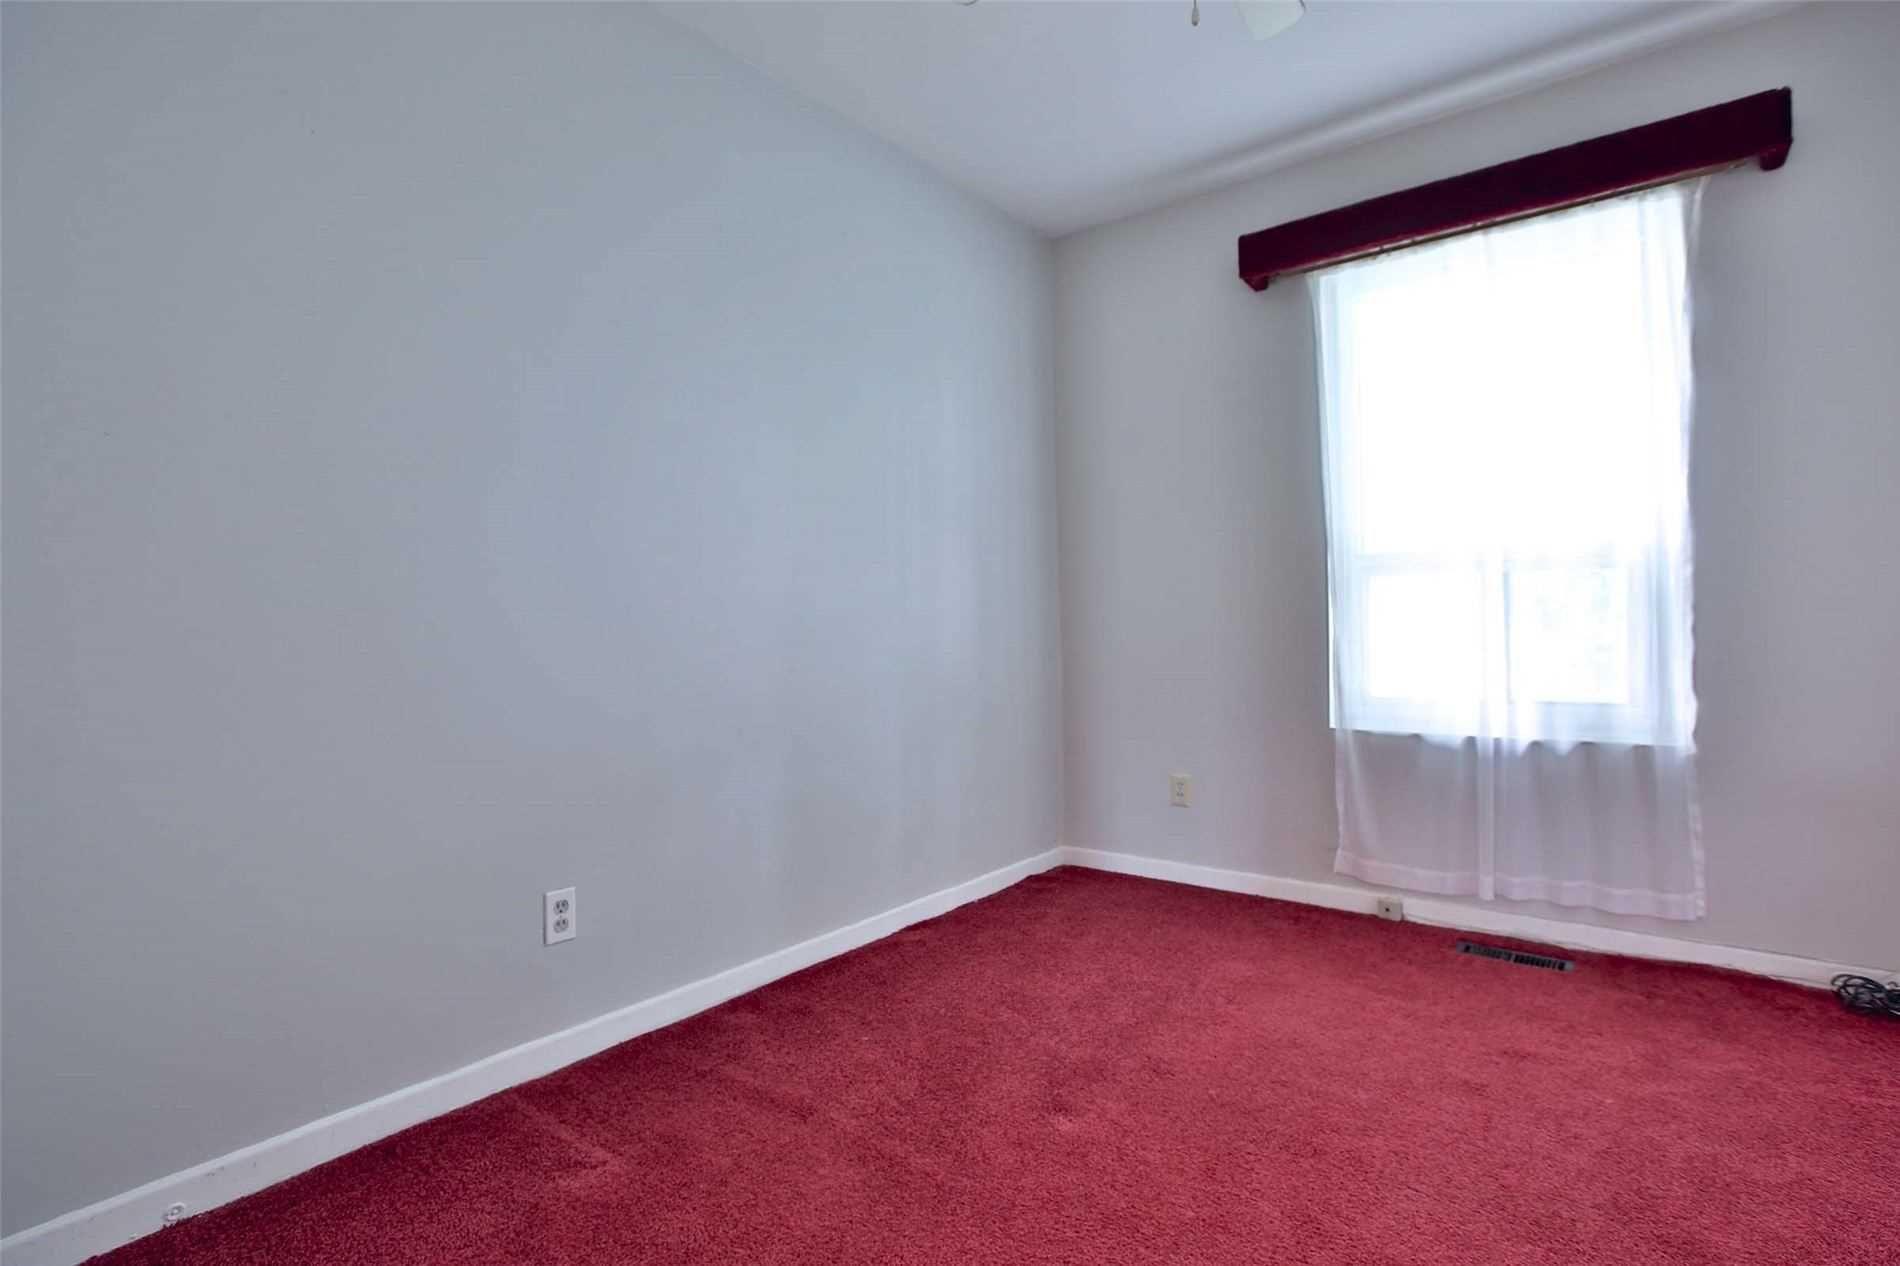 Photo 11: Photos: 8 695 Birchmount Road in Toronto: Kennedy Park Condo for sale (Toronto E04)  : MLS®# E4600623